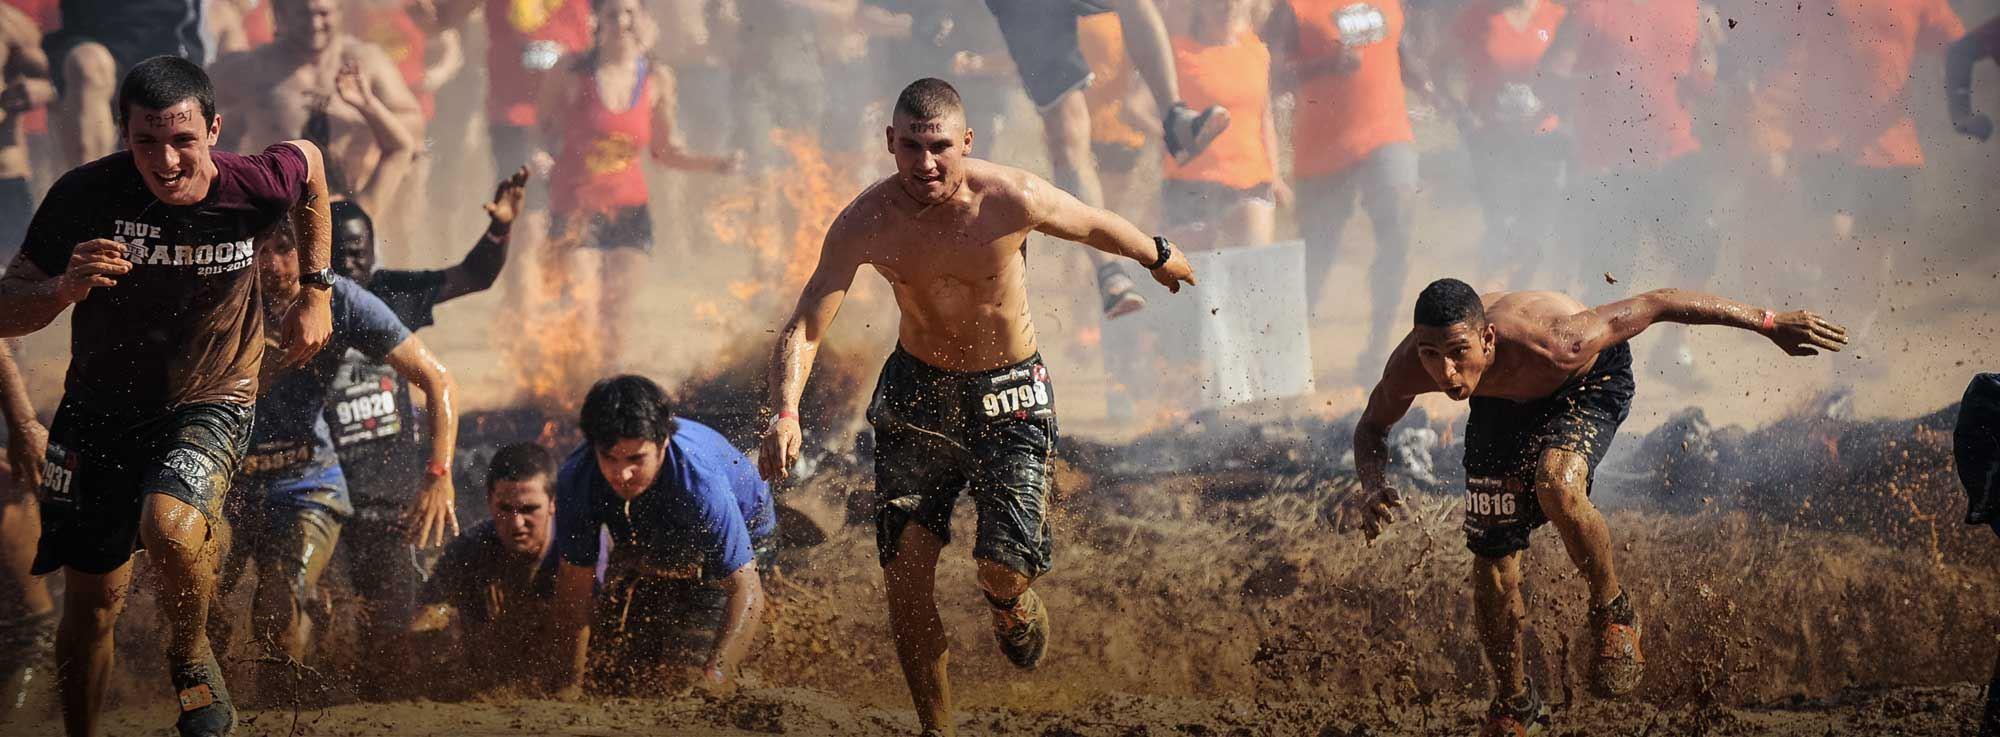 Taranto: Spartan Race